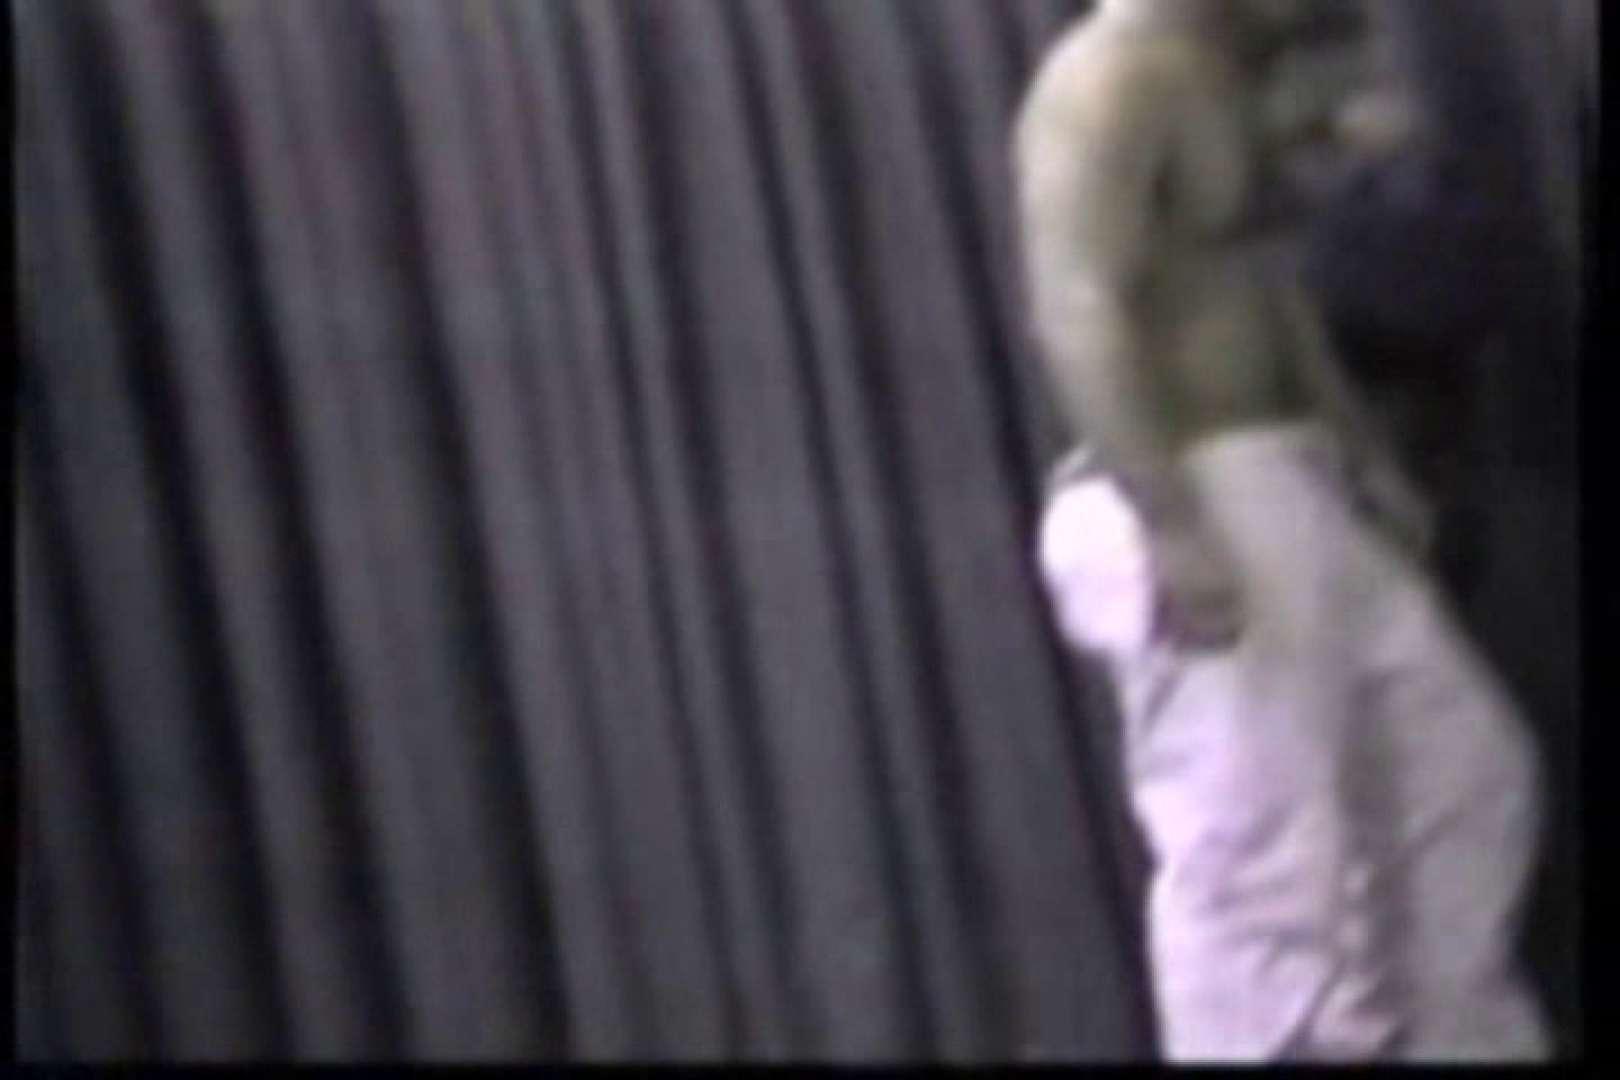 洋人さんの脱衣所を覗いてみました。VOL.6 完全無修正版 ゲイエロ画像 102枚 86